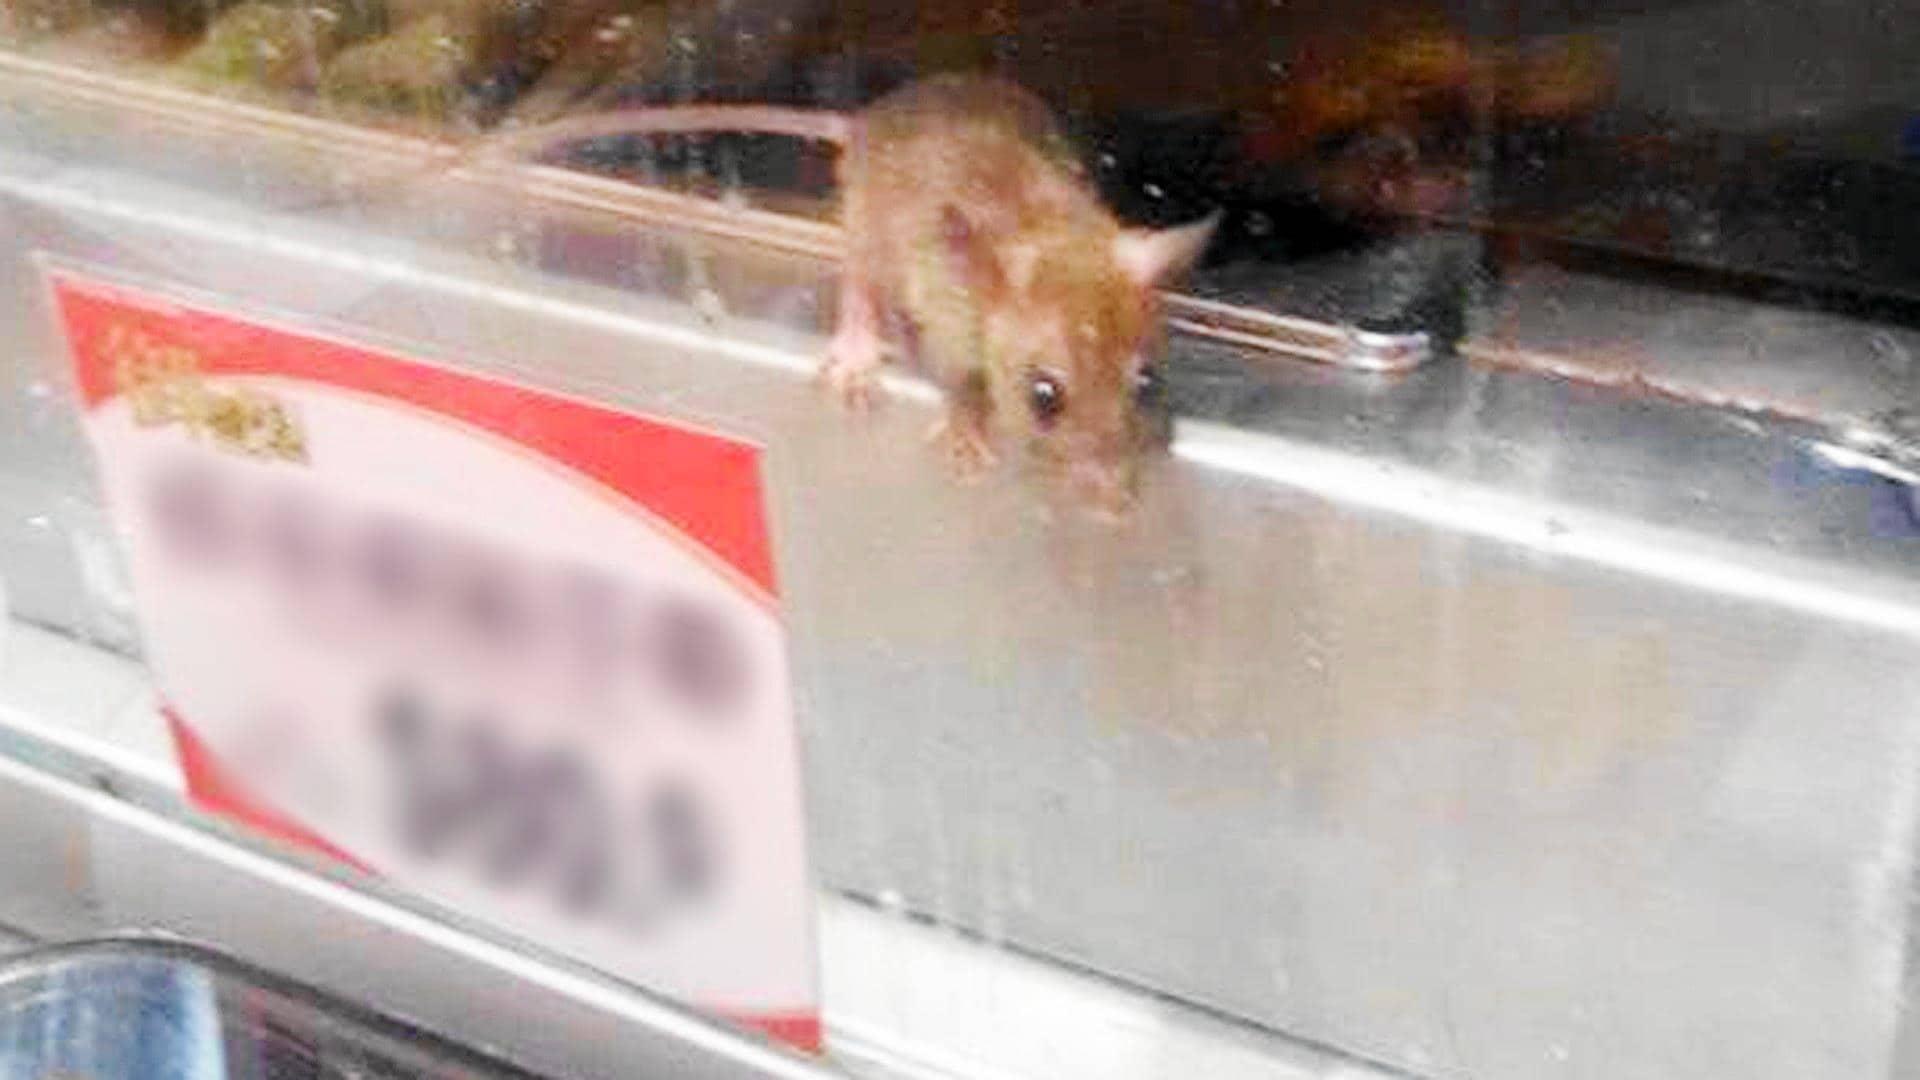 Controle de ratos em empresas e supermercados, controle de pragas, dedetização